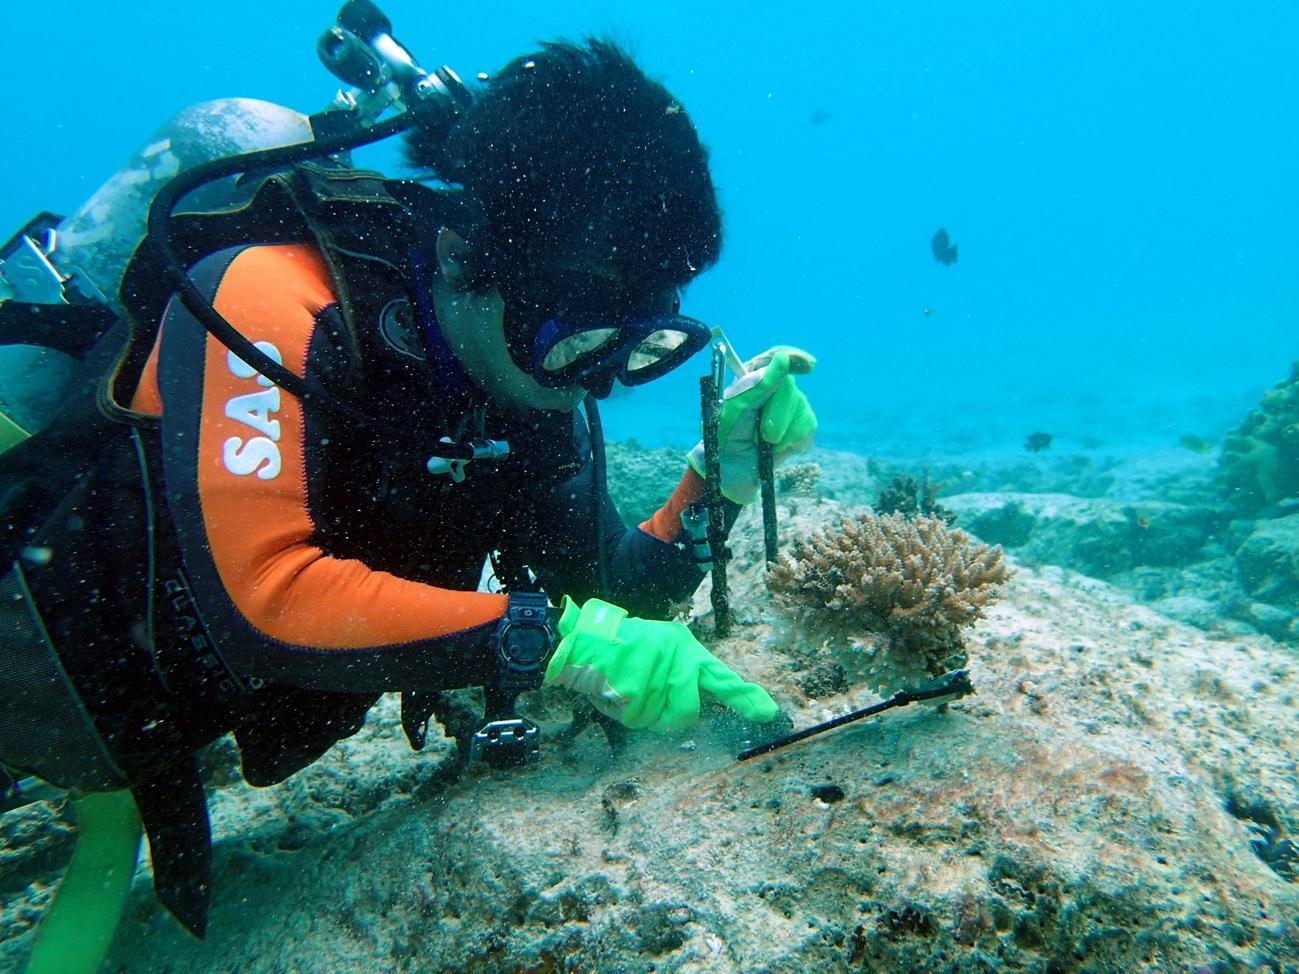 沖縄の海での活動の様子